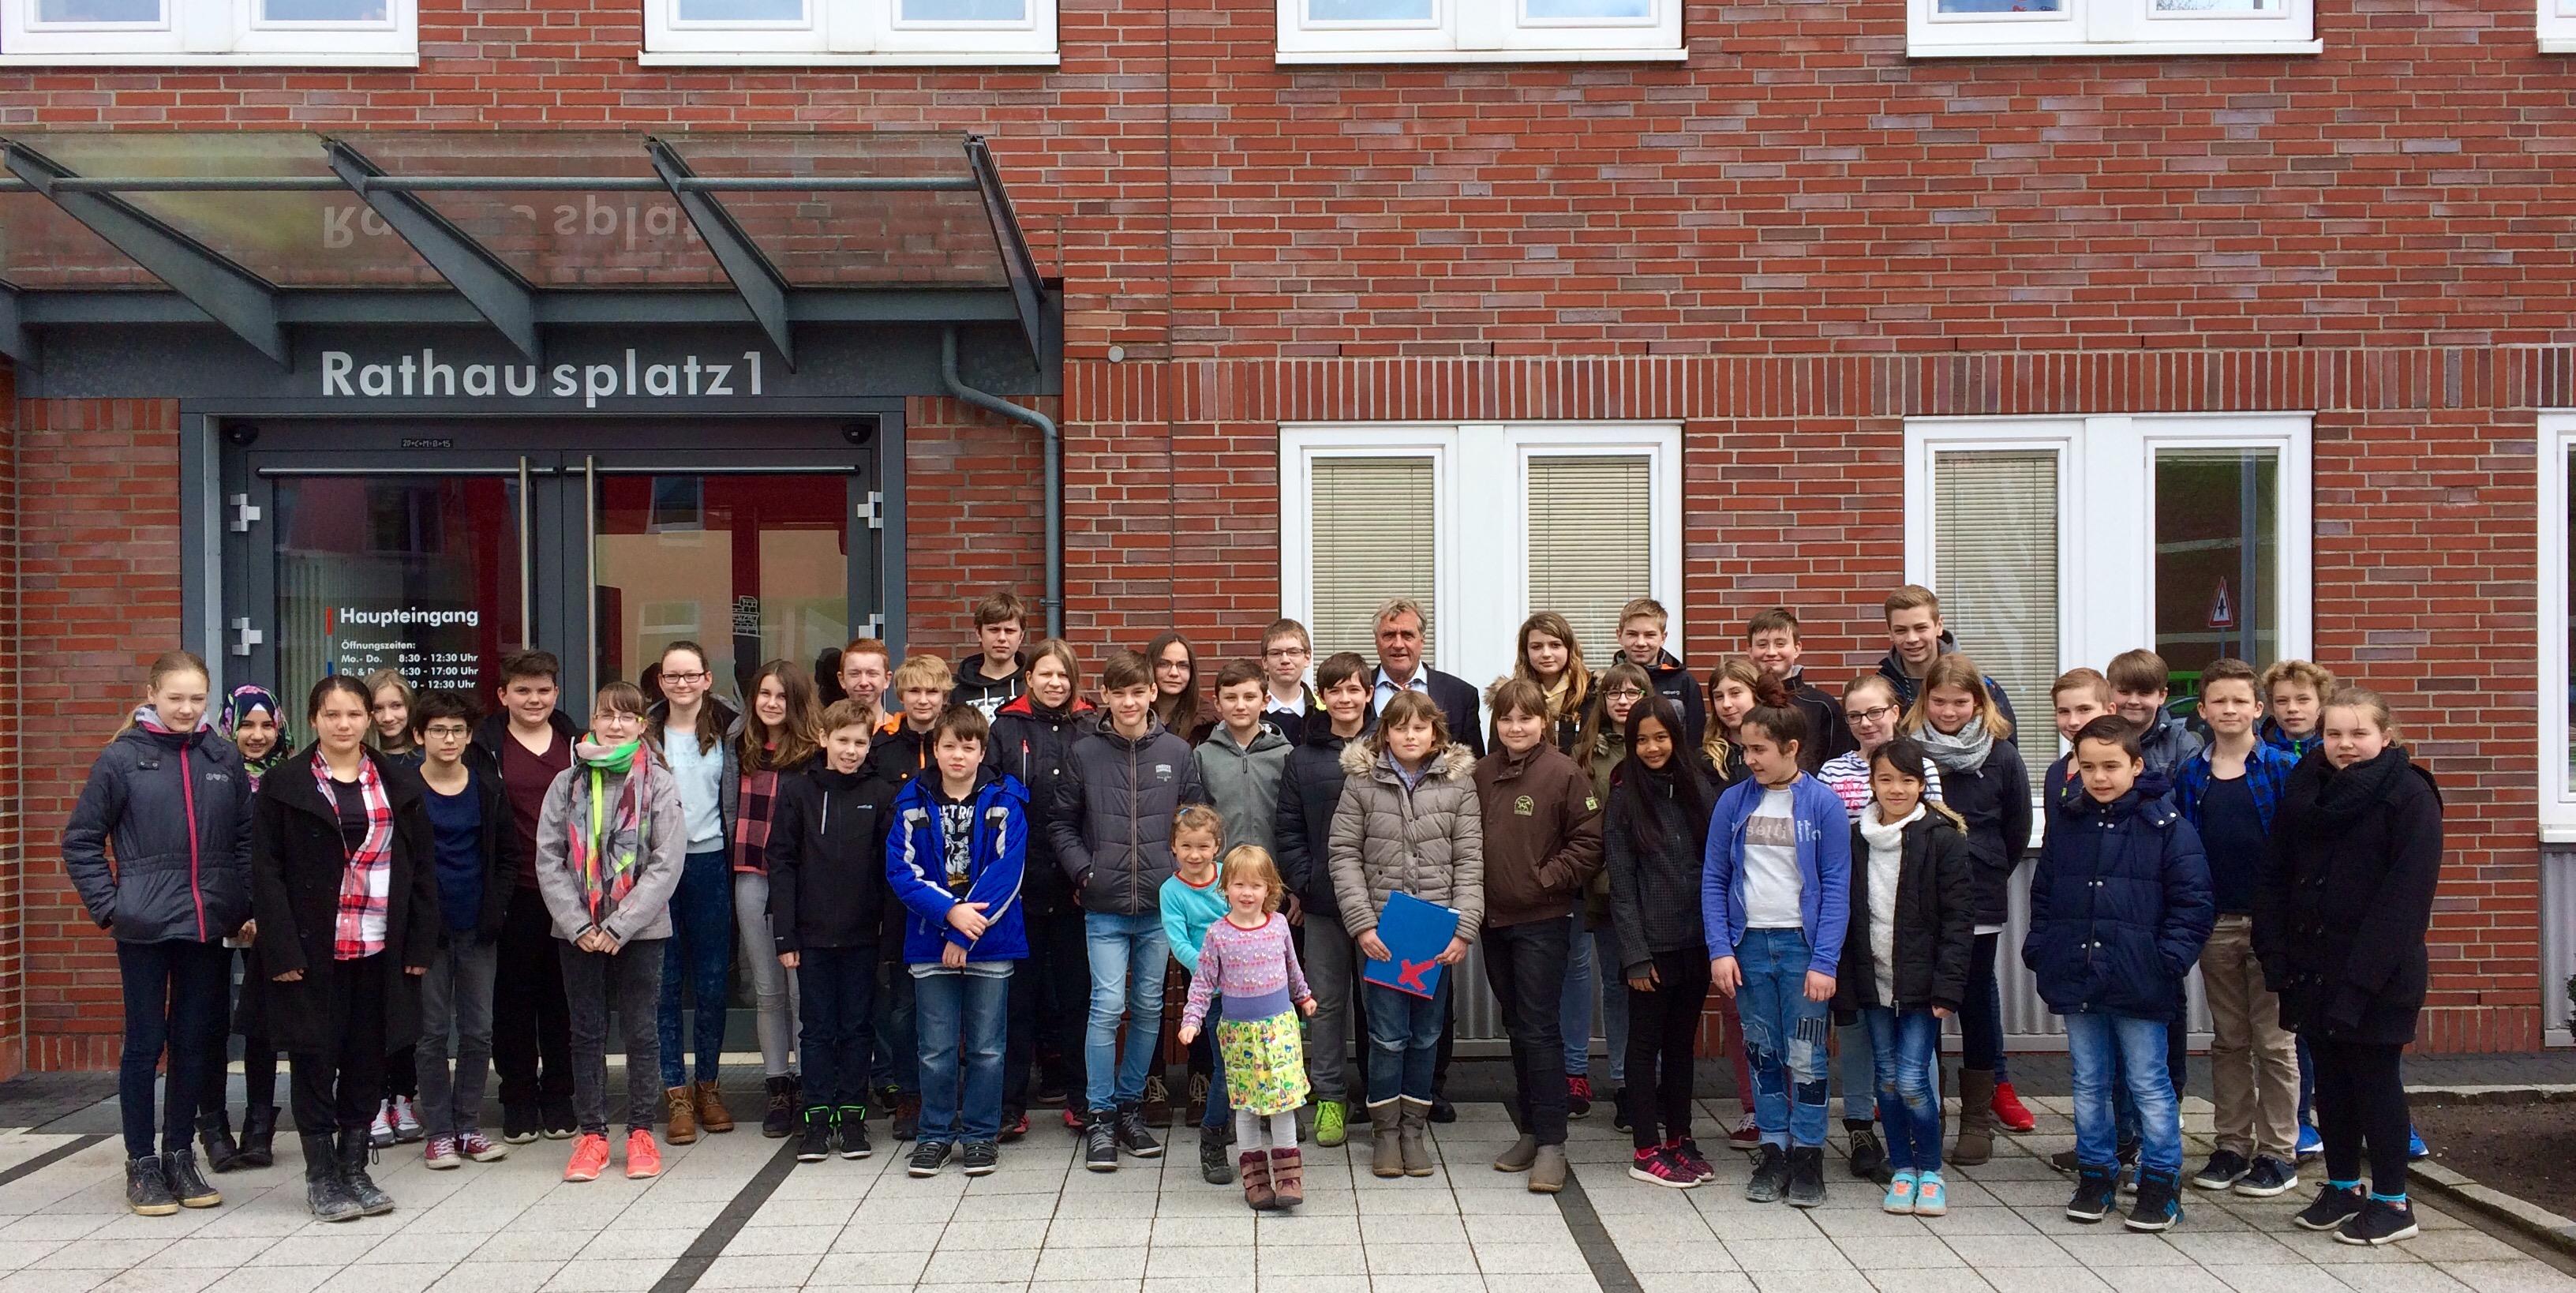 """""""Ihr seid unsere Zukunft!"""" - 42 Schülerinnen und Schüler kamen zum Zukunftstag in die Stadtverwaltung"""